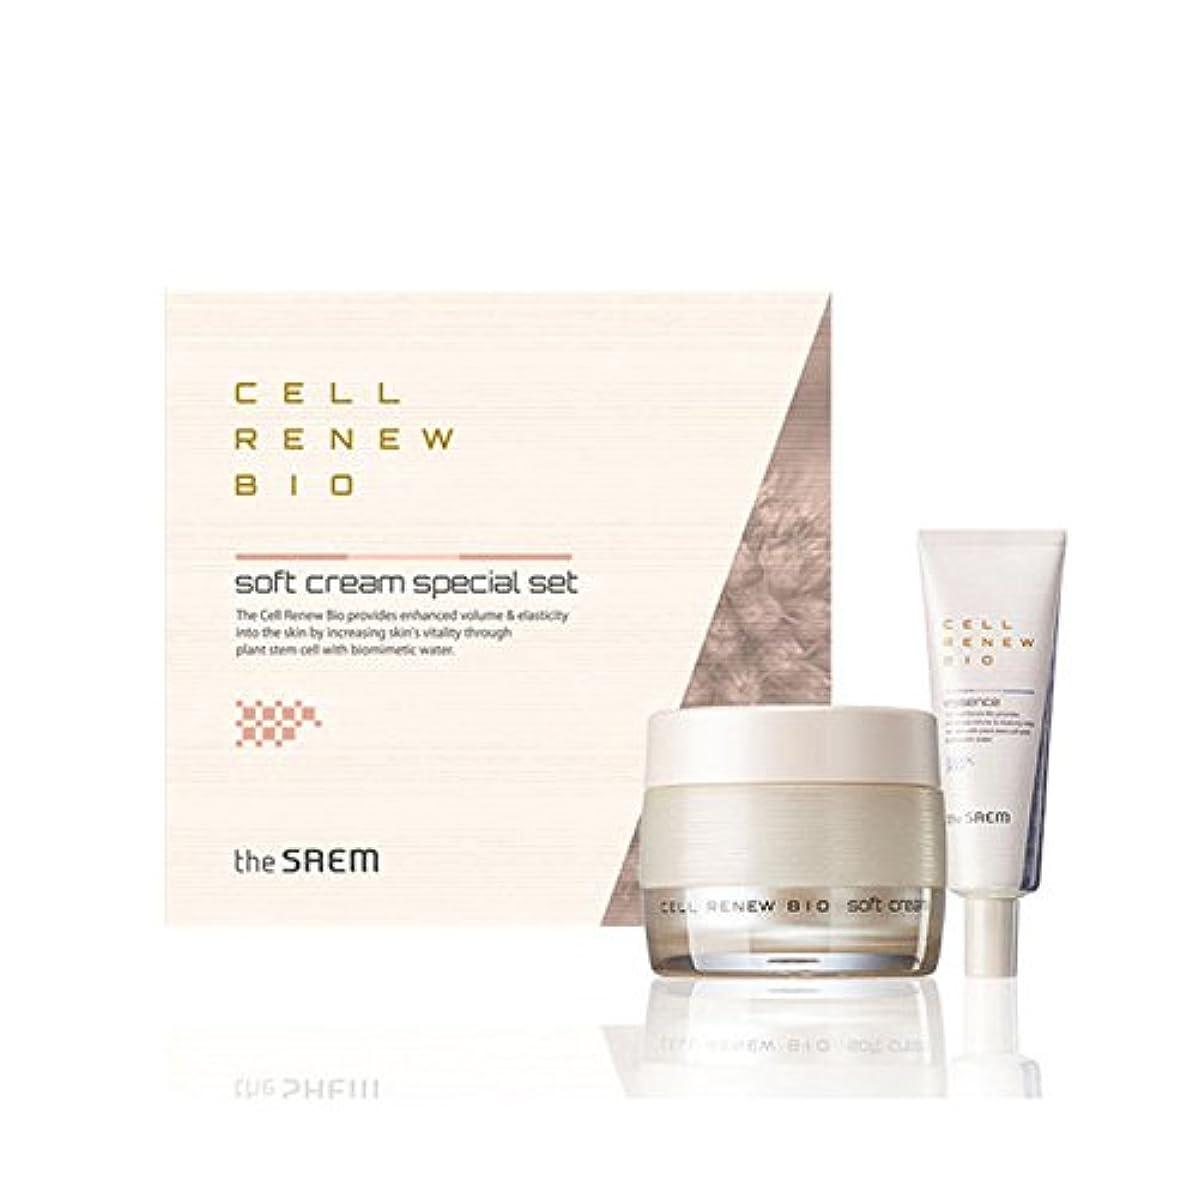 誕生お尻中国[ザセム] The Saem セルリニュー バイオ クリーム スペシャルセット Cell Renew Bio Cream Special Set (海外直送品) [並行輸入品]